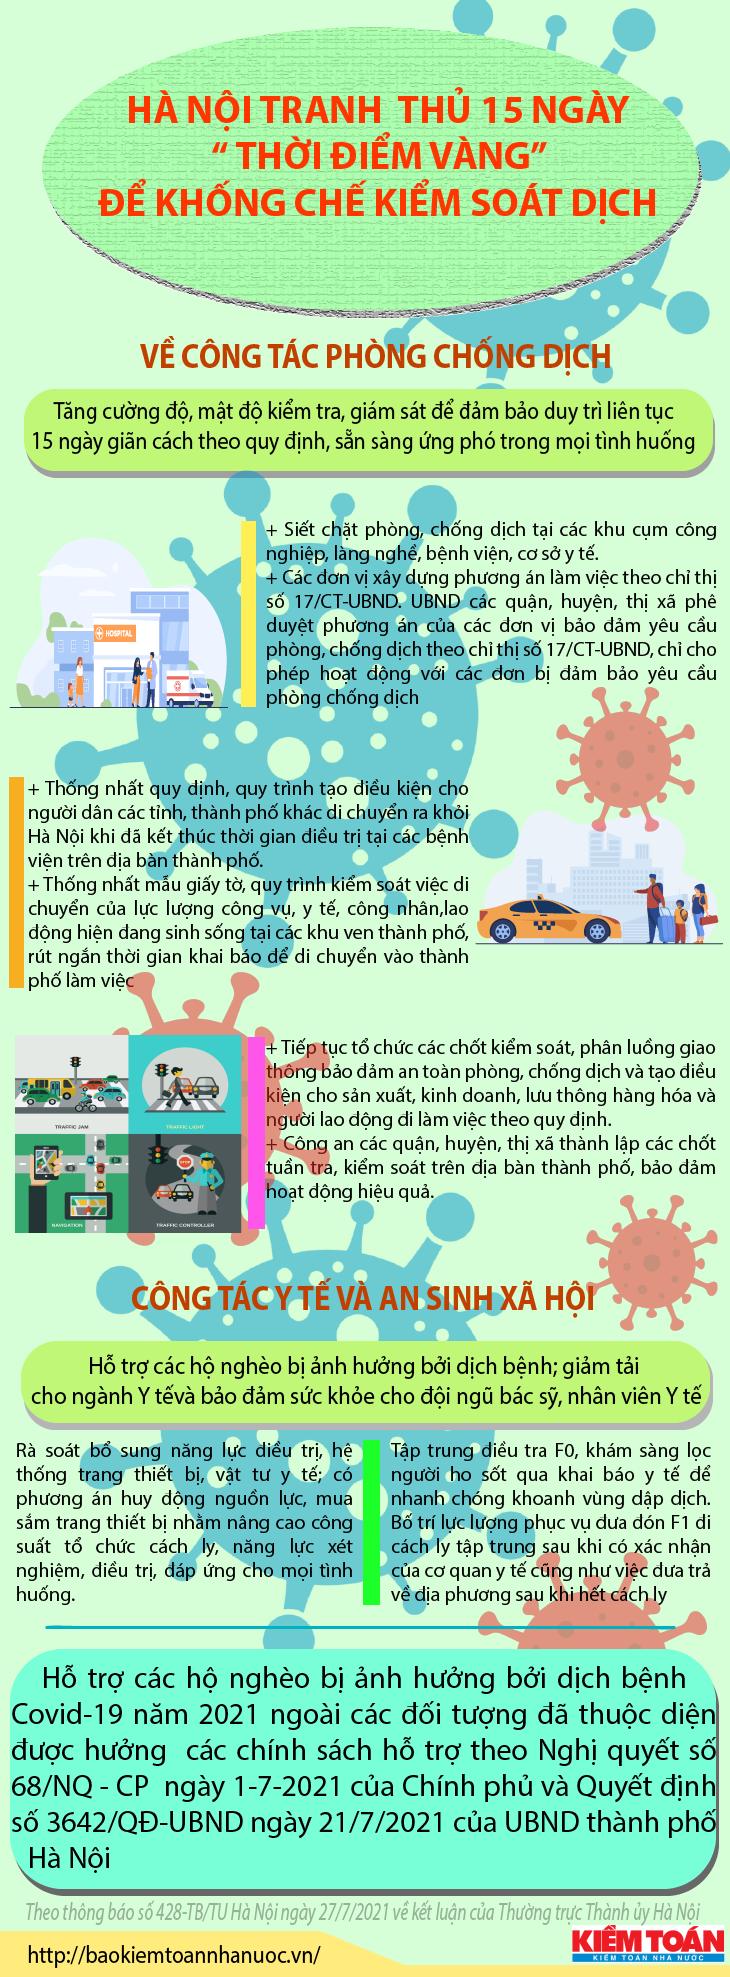 [Infographics] Hà Nội thêm các giải pháp nhằm sớm khống chế, kiểm soát dịch Covid-19 - Ảnh 1